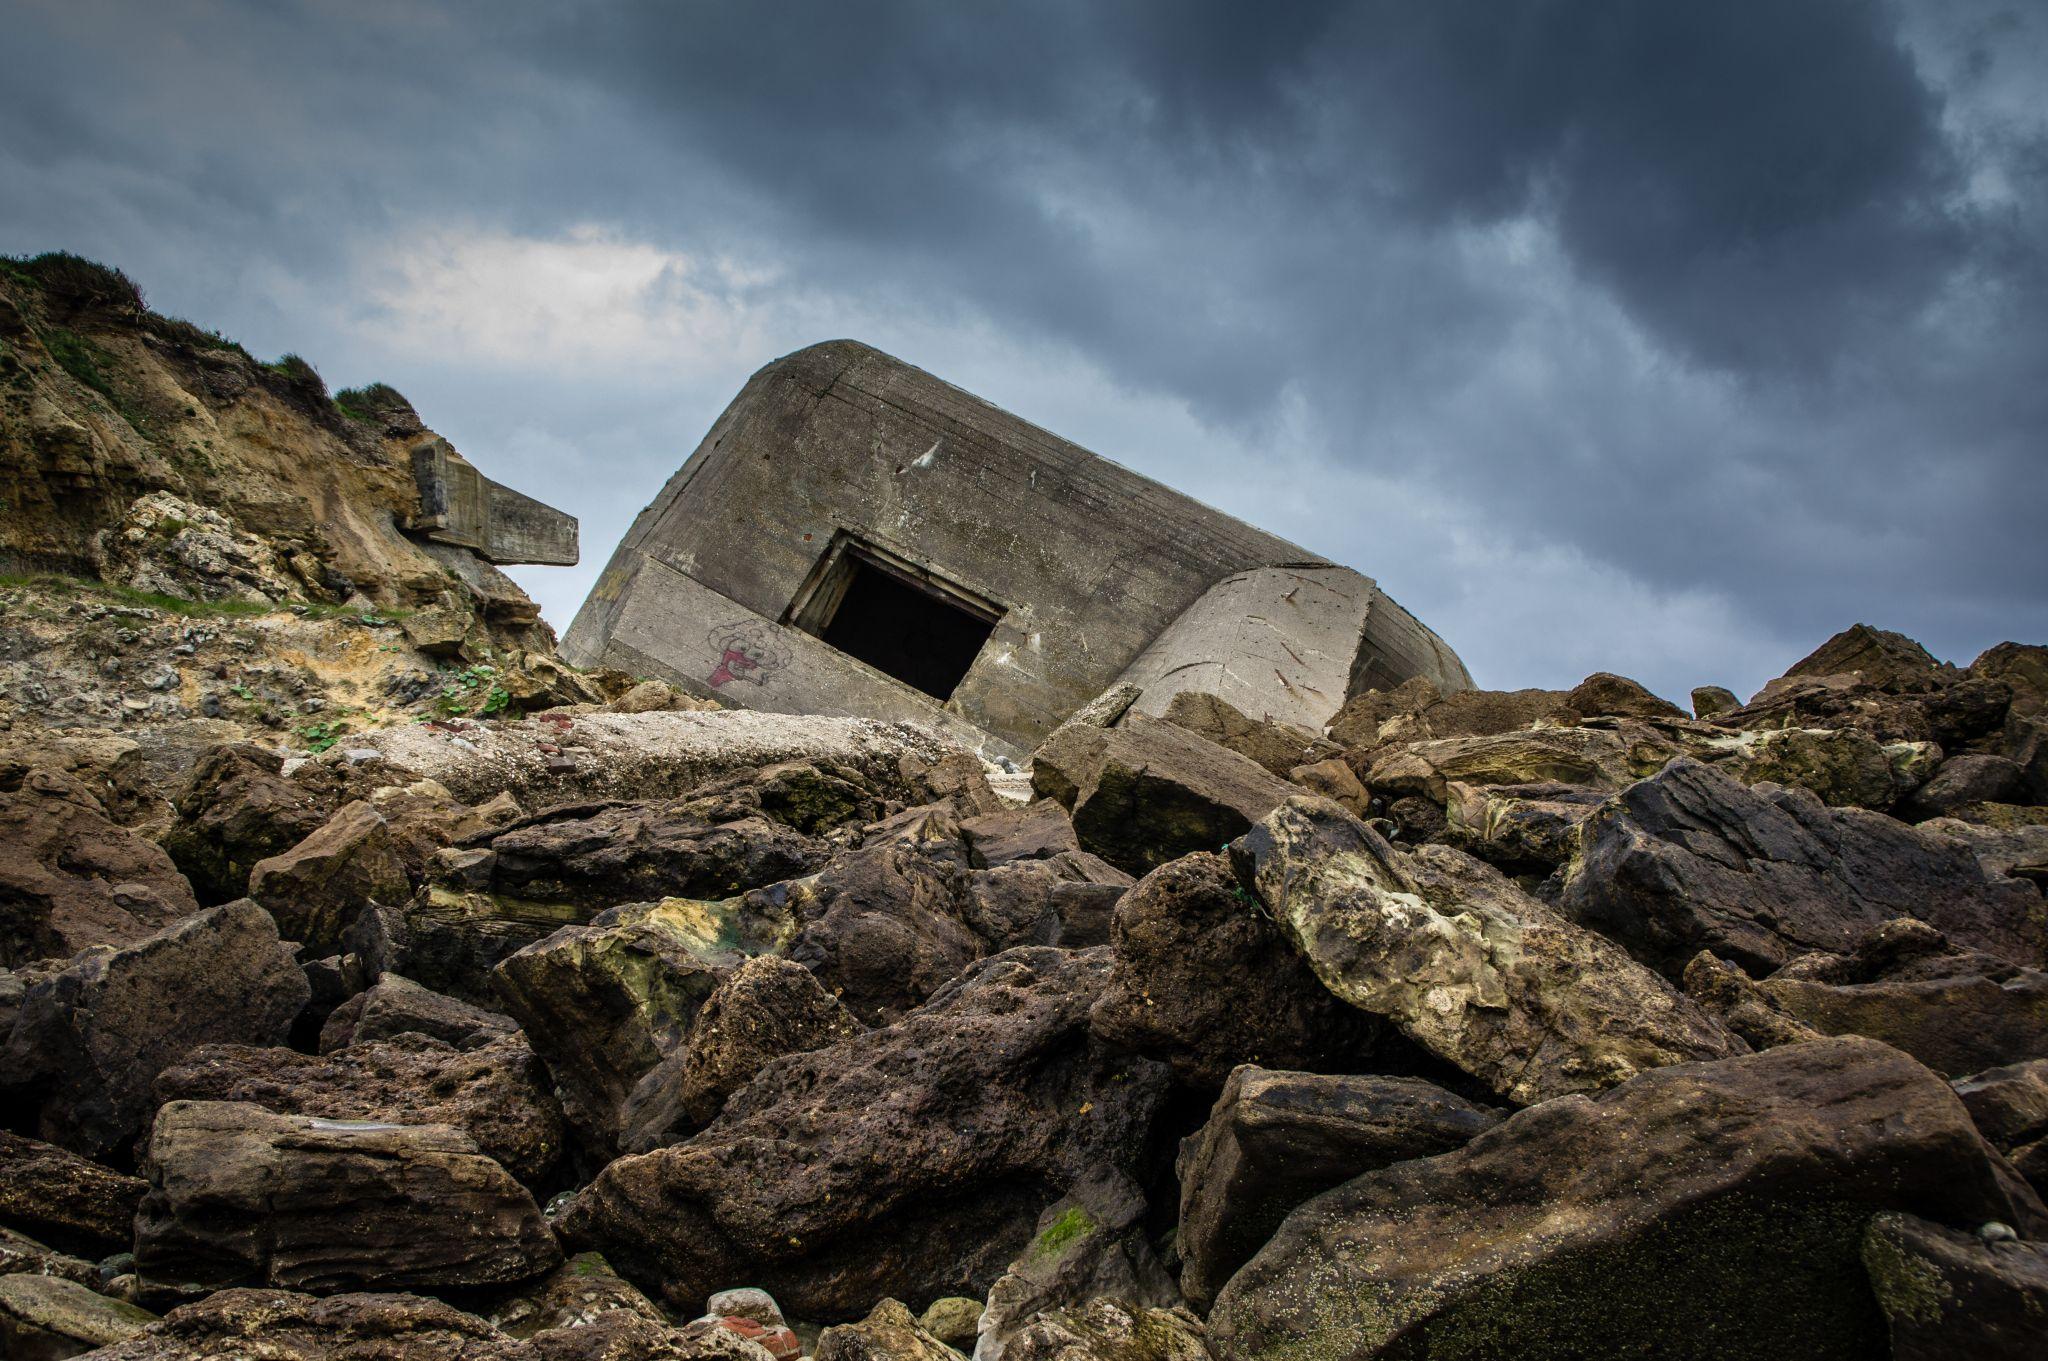 WW2 Bunker Wimereux, France